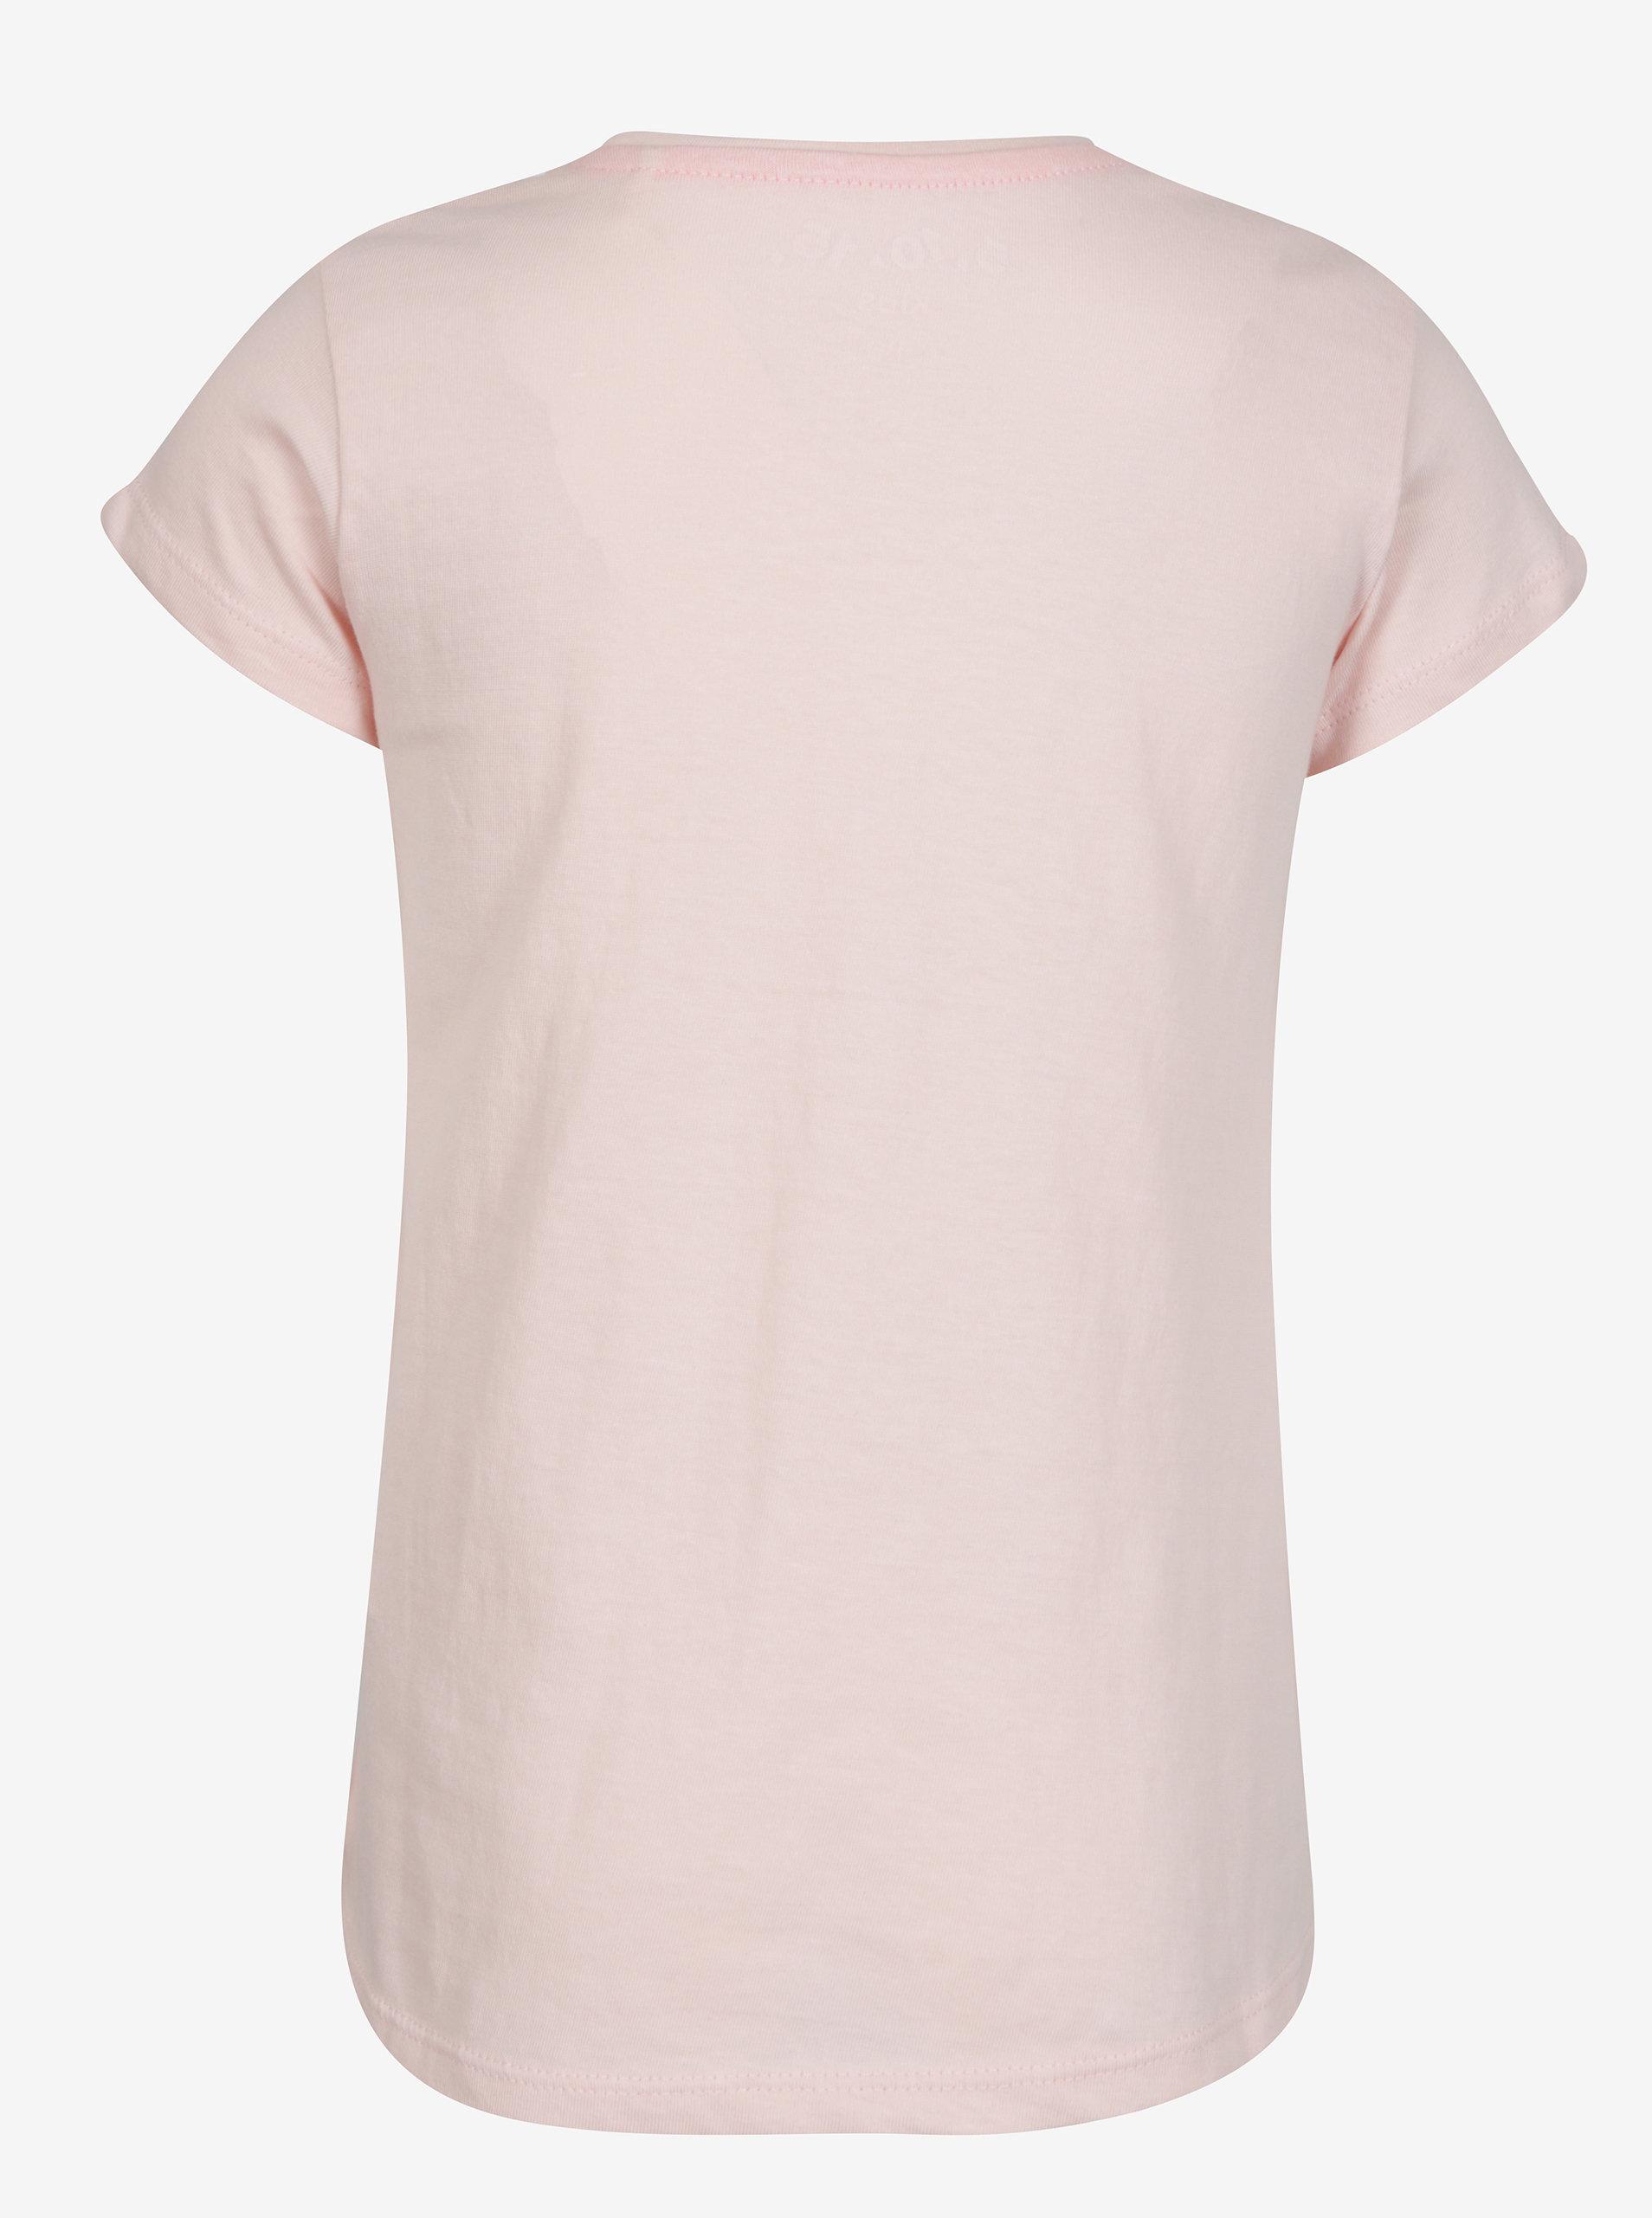 cddfb77b4440 Ružové dievčenské tričko s krátkym rukávom a ligotavou potlačou 5.10 ...